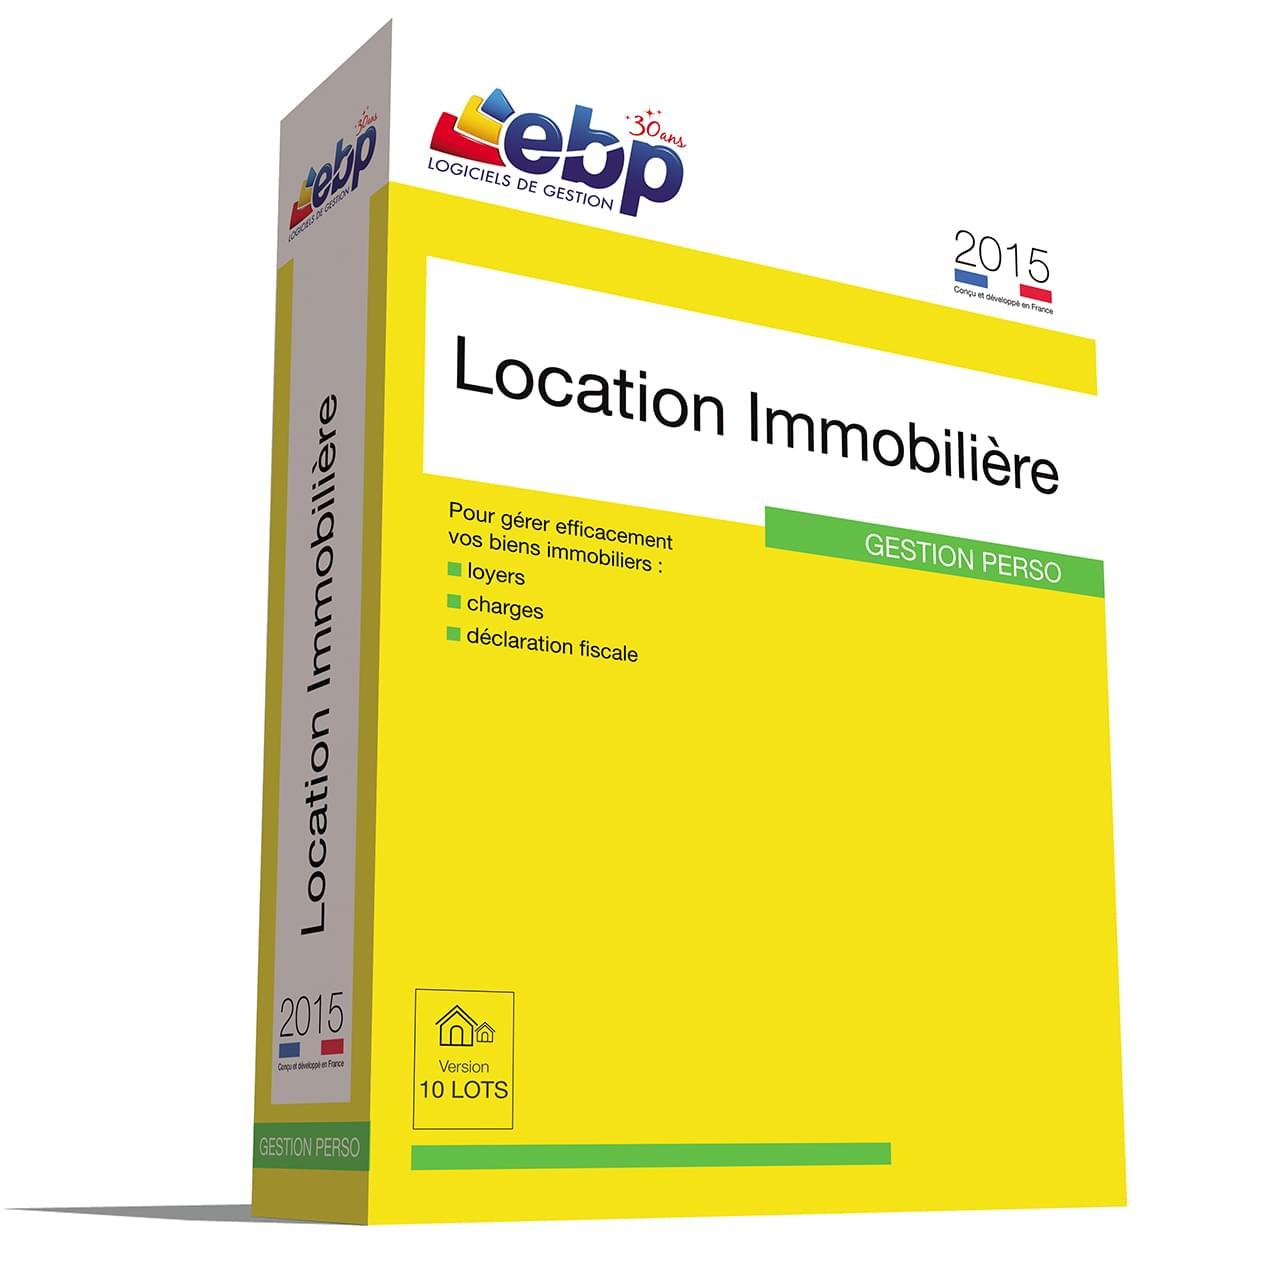 EBP Location Immobilière 2015 version 10 Lots (1053E070FAB) - Achat / Vente Logiciel application sur Cybertek.fr - 0